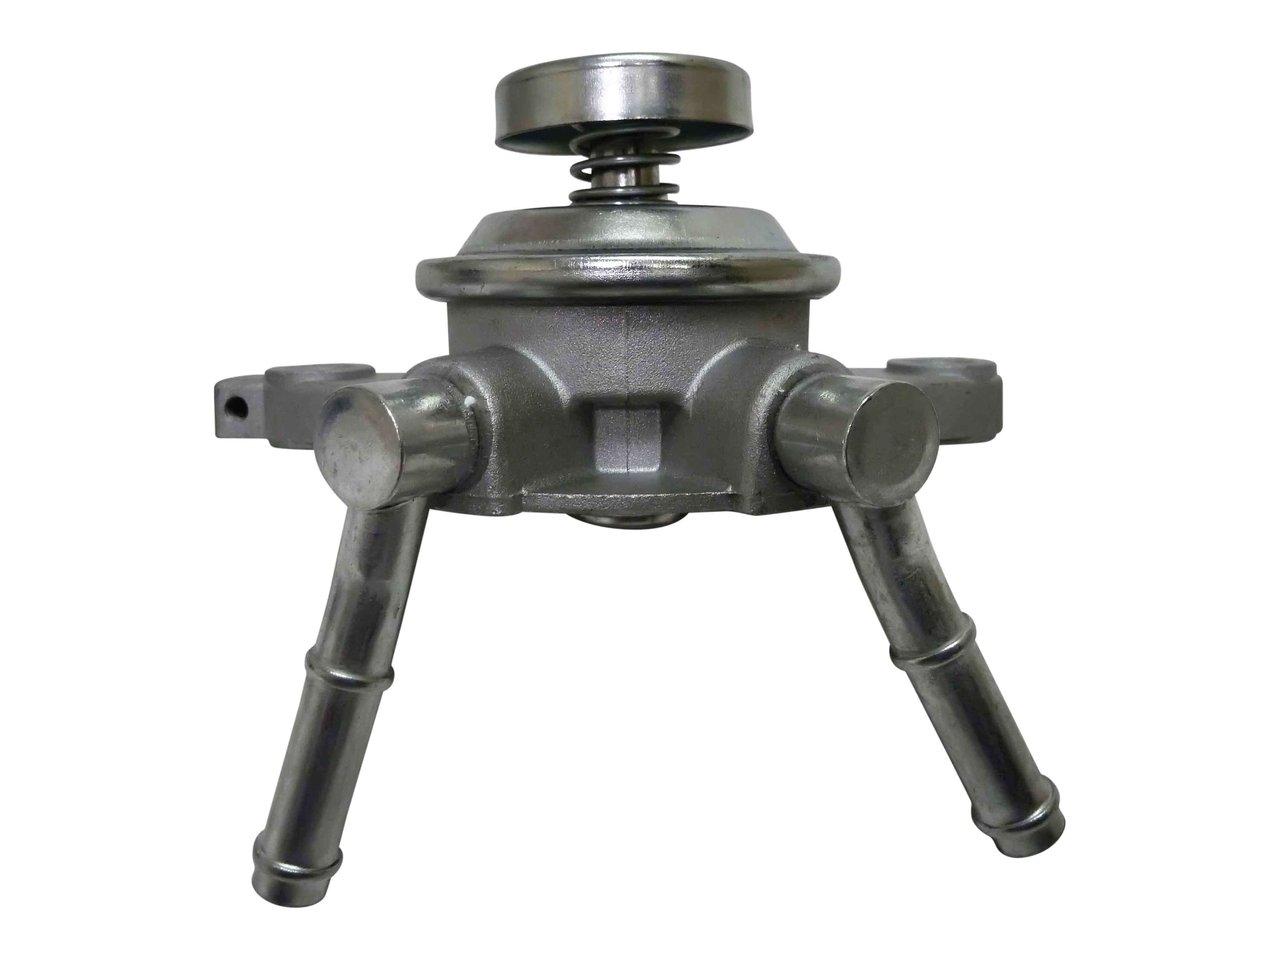 Diesel Fuel Pump Filter : Fuel filter primer pump suitable for landcruiser series